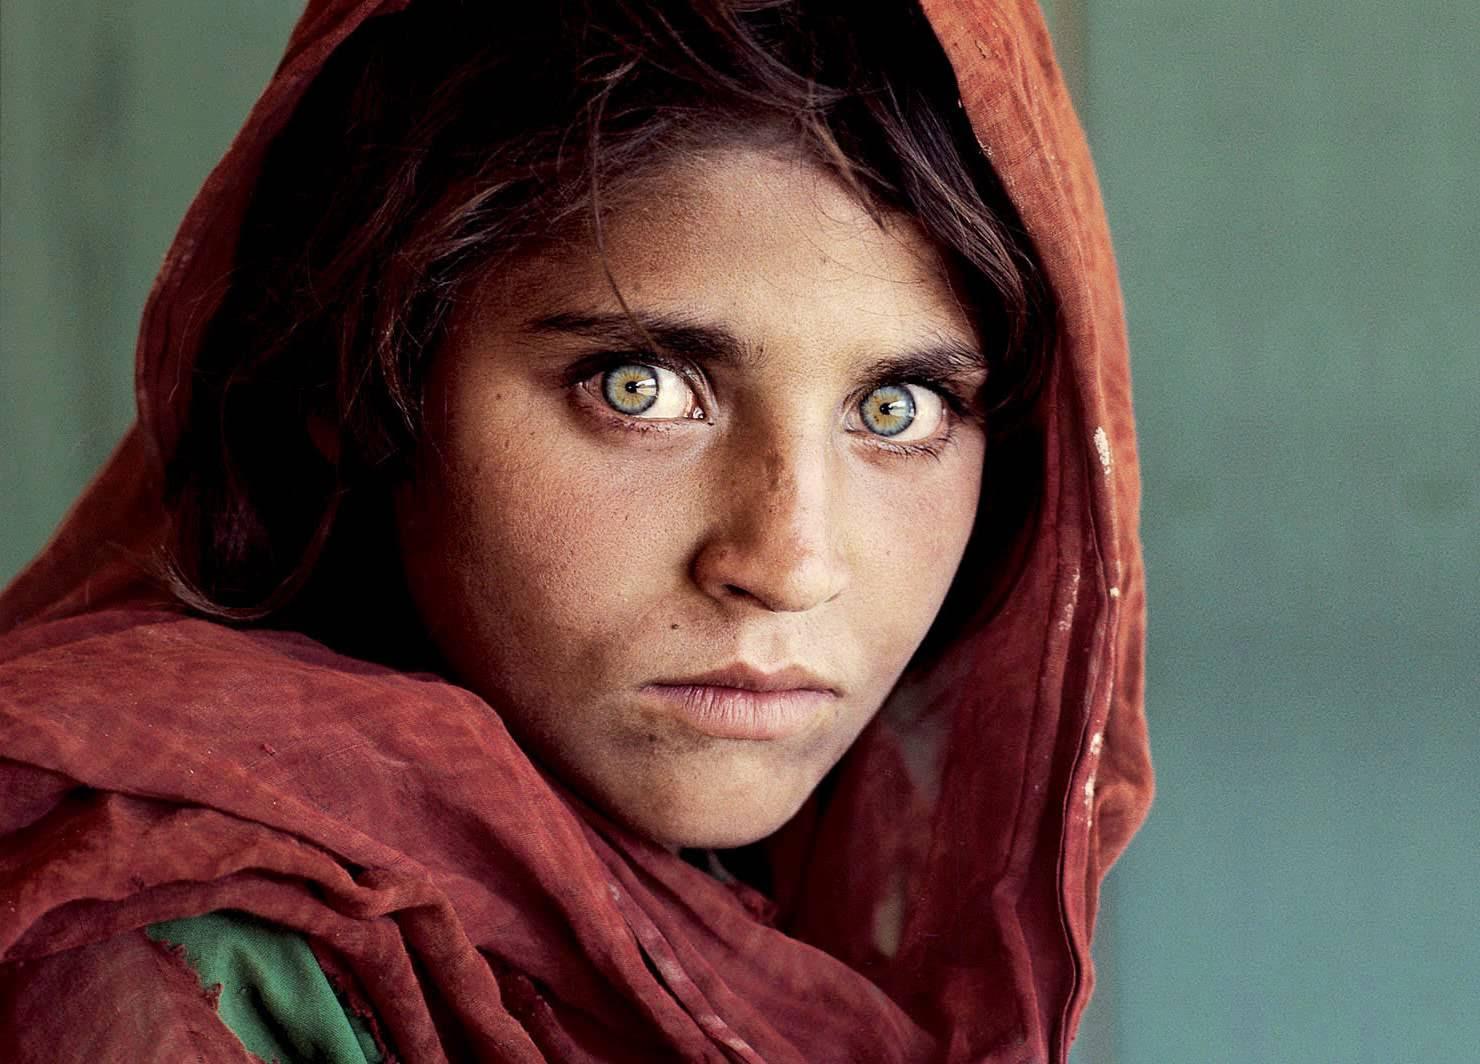 نتيجة بحث الصور عن موناليزا أفغانستان